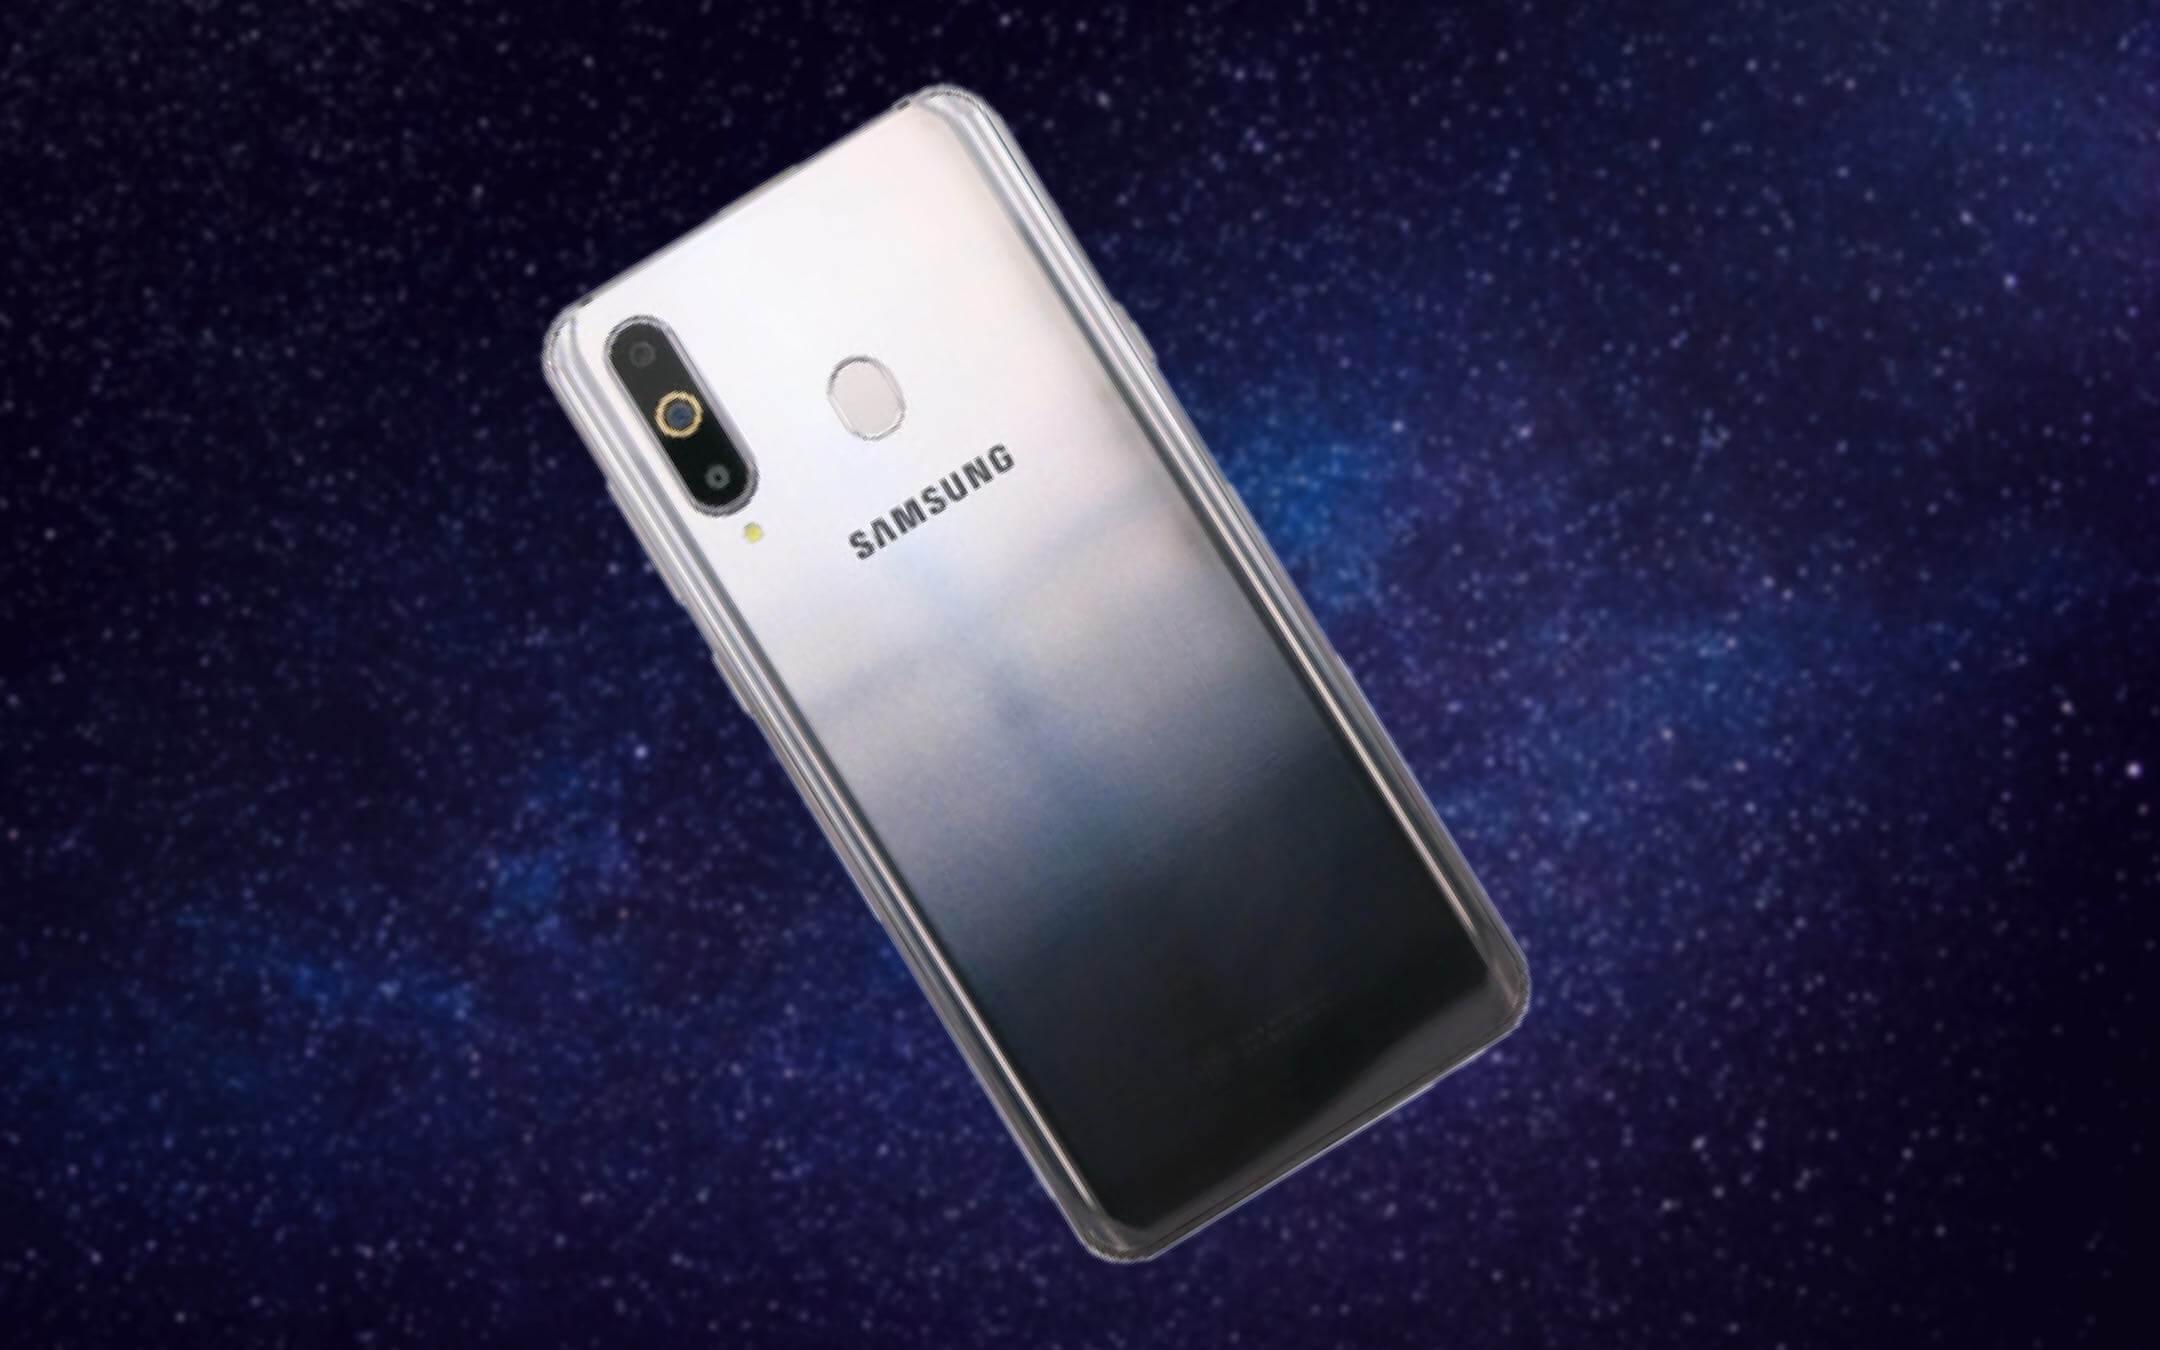 Samsung Galaxy A8s, вероятно, самый красивый смартфон компании